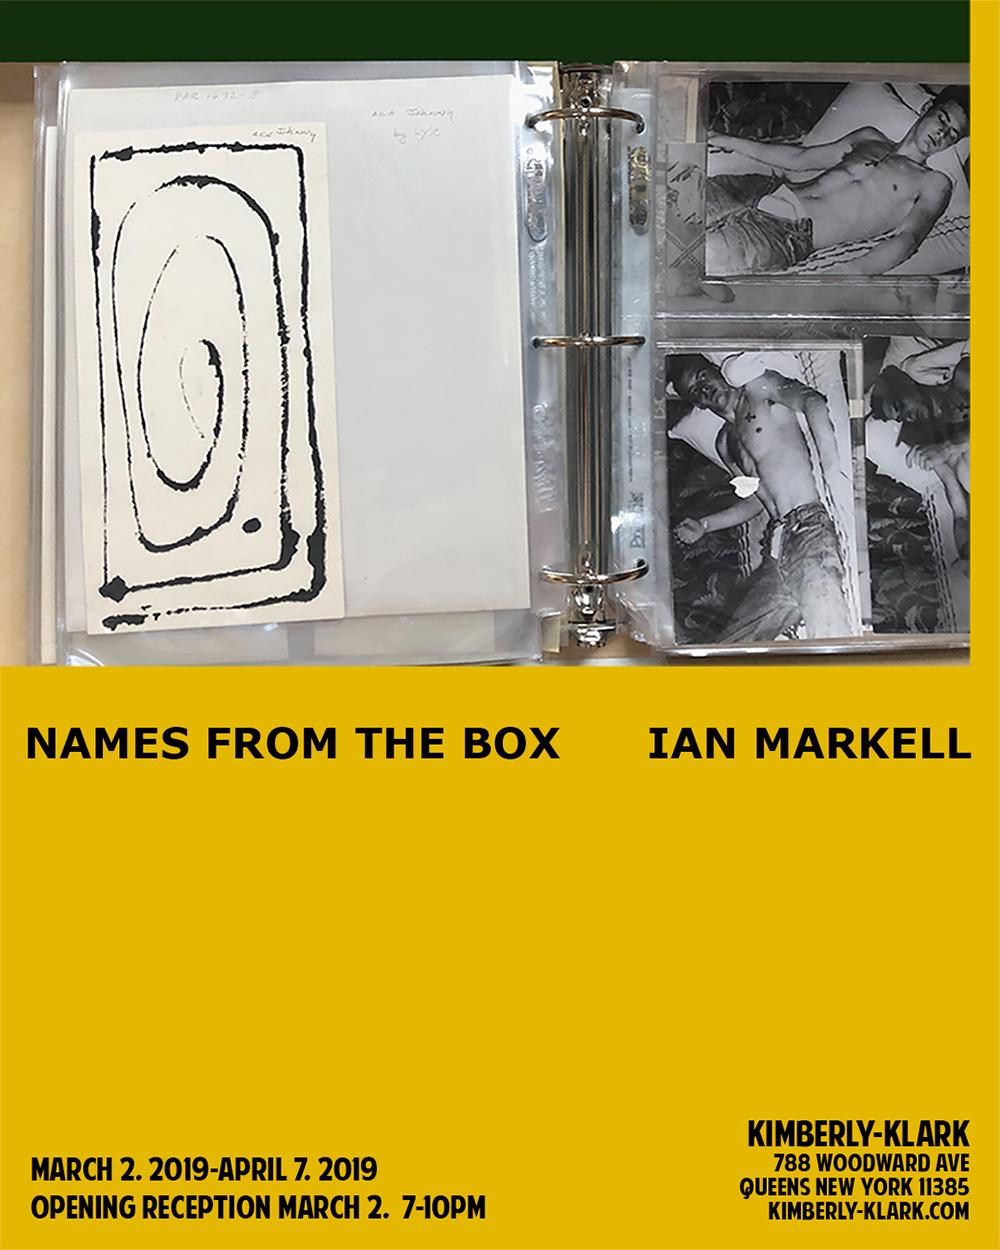 Ian Markell at Kimberly-Klark